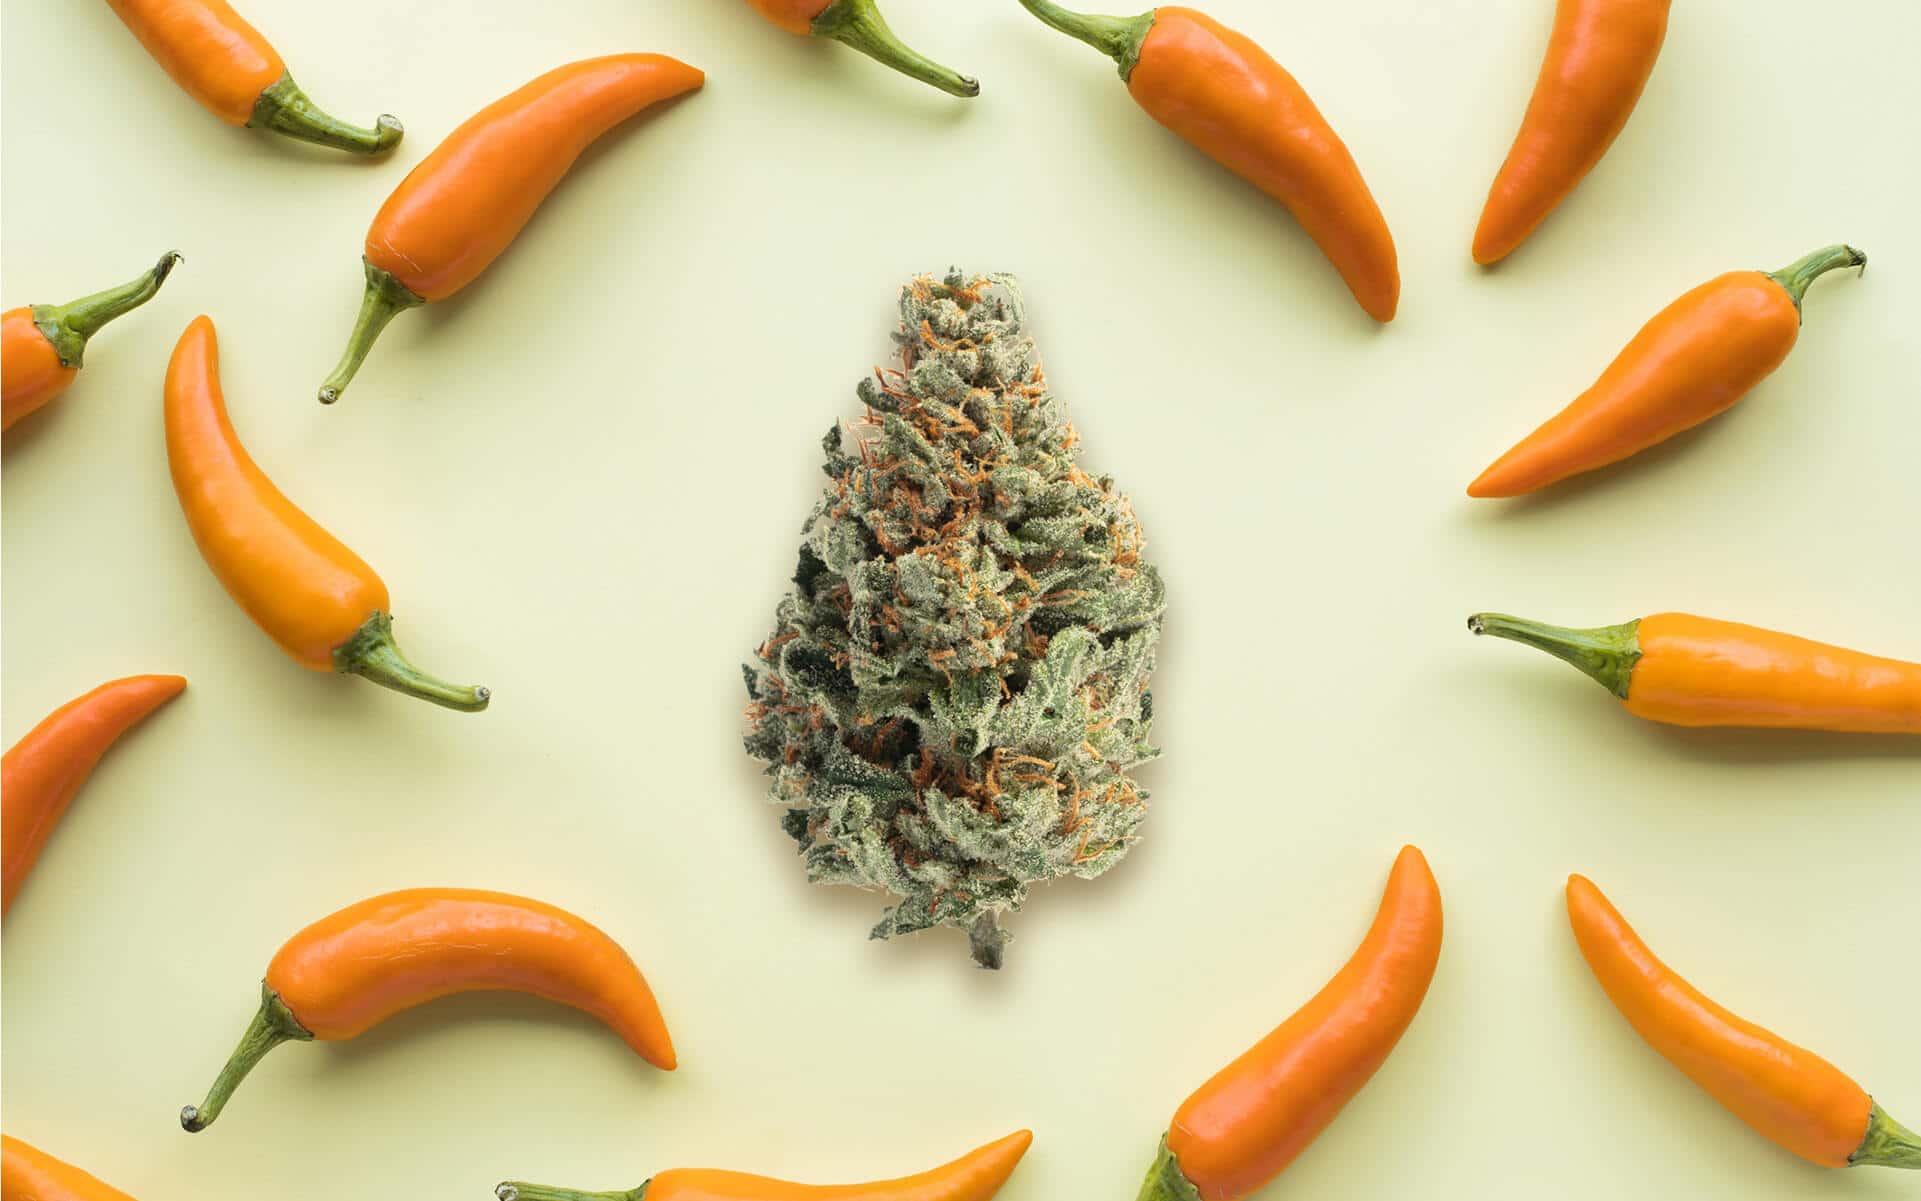 O Cariofileno está também na pimenta, no cravo, canela, manjericão e até lúpulo - Leafly